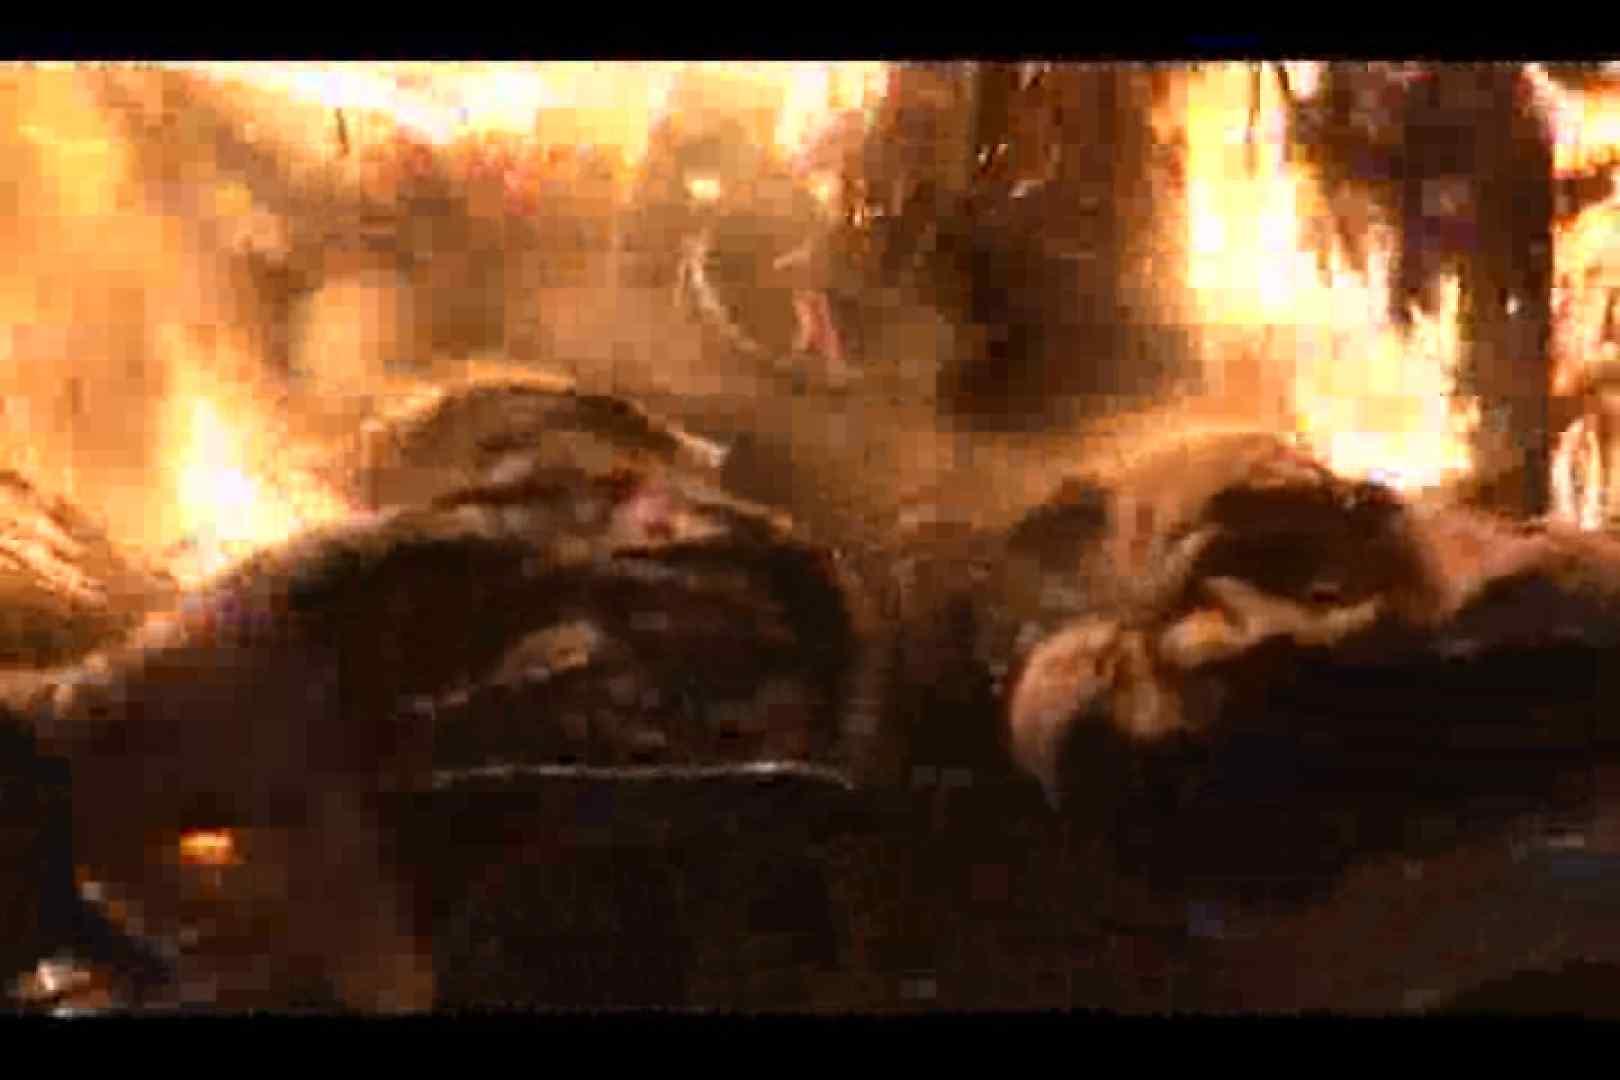 鳥羽の火祭り 3000K!高画質バージョンVOL.03 ドラマ ゲイ丸見え画像 84枚 54